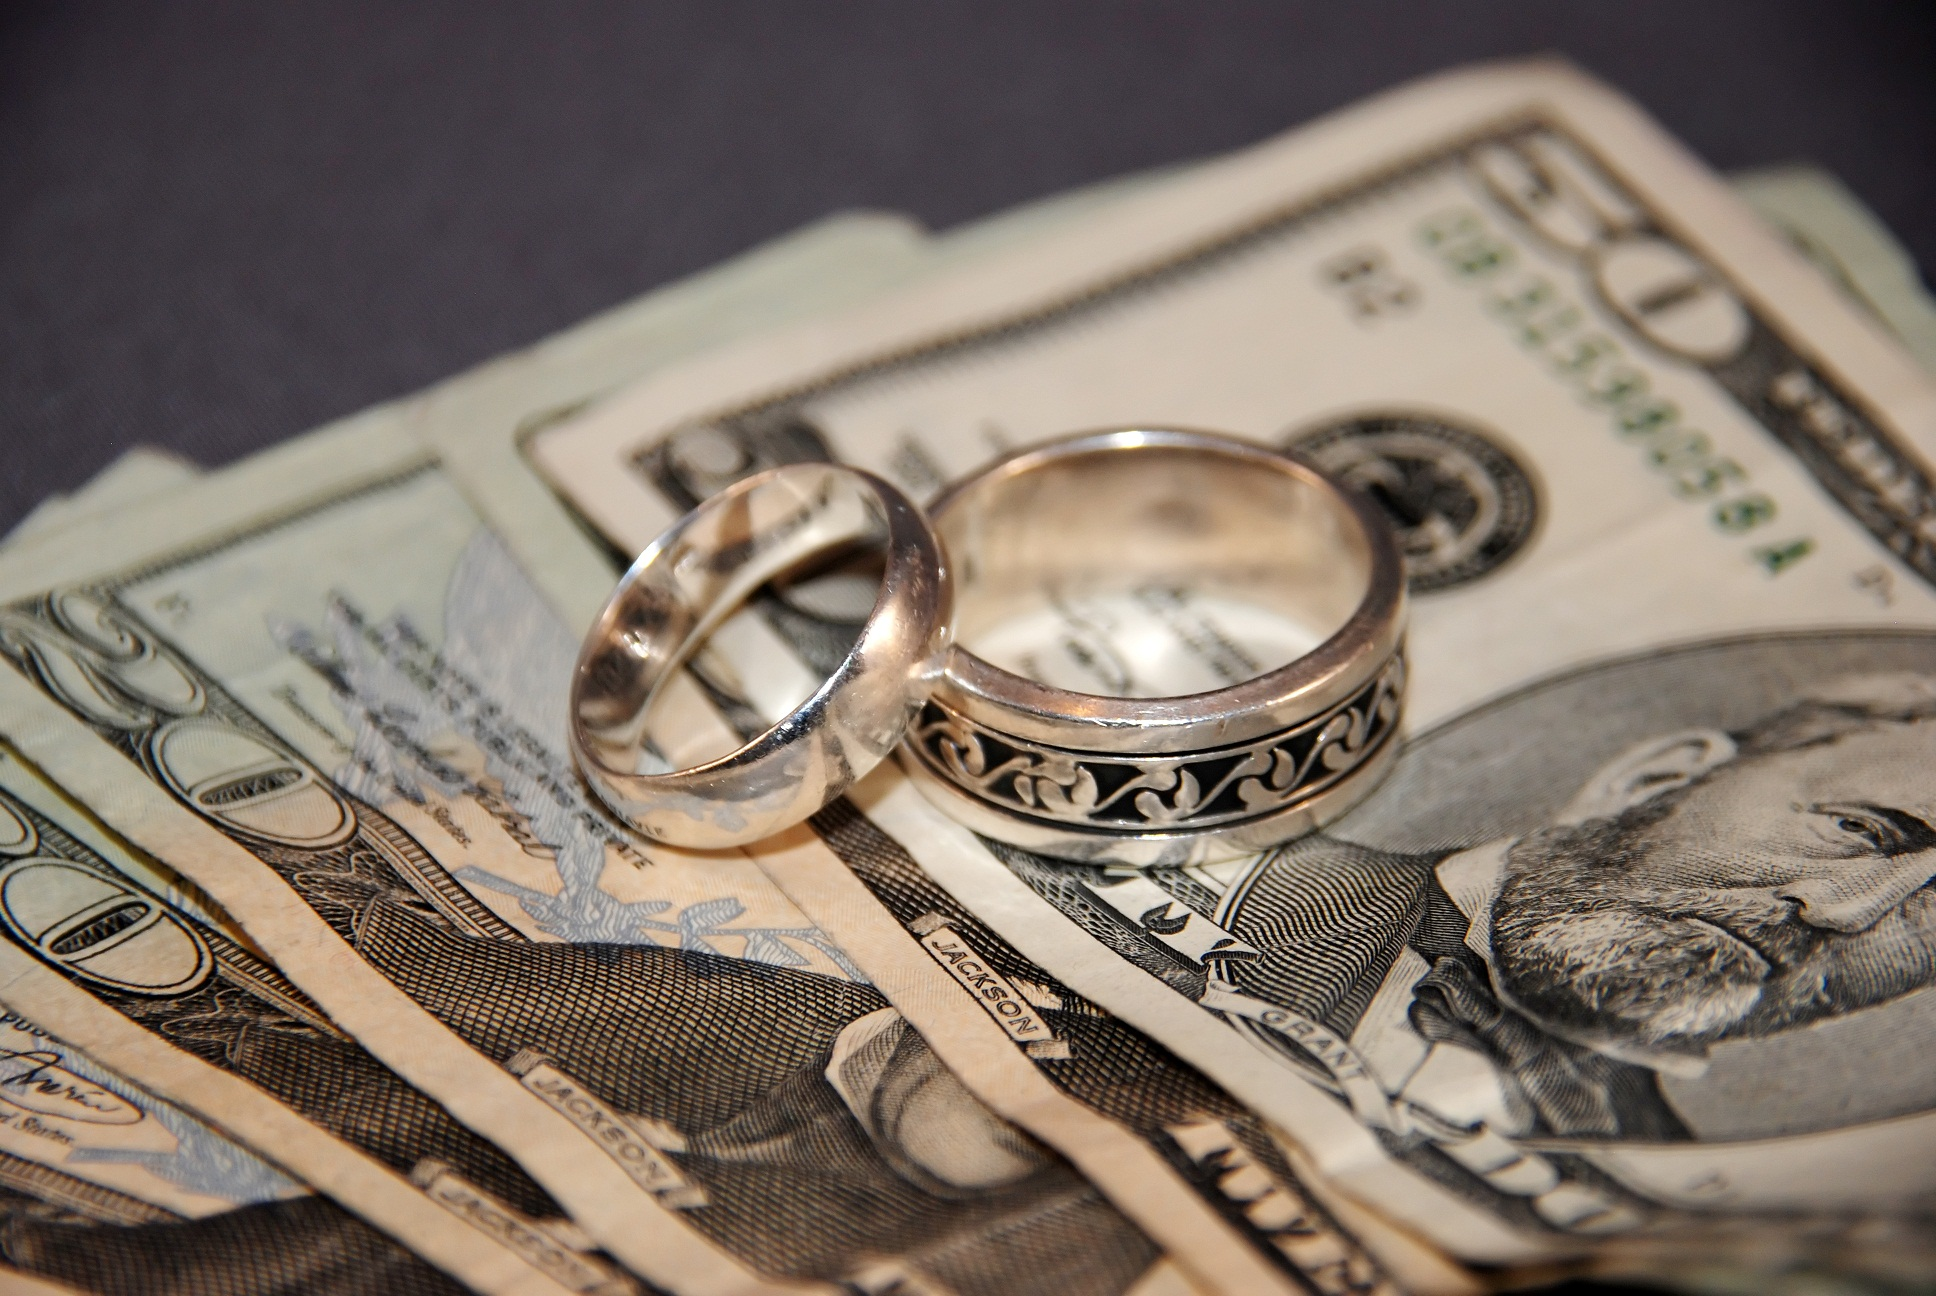 Giắt túi 6 mẹo quản lý tài chính không thể bỏ qua cho những cặp đôi mới cưới - Ảnh 2.